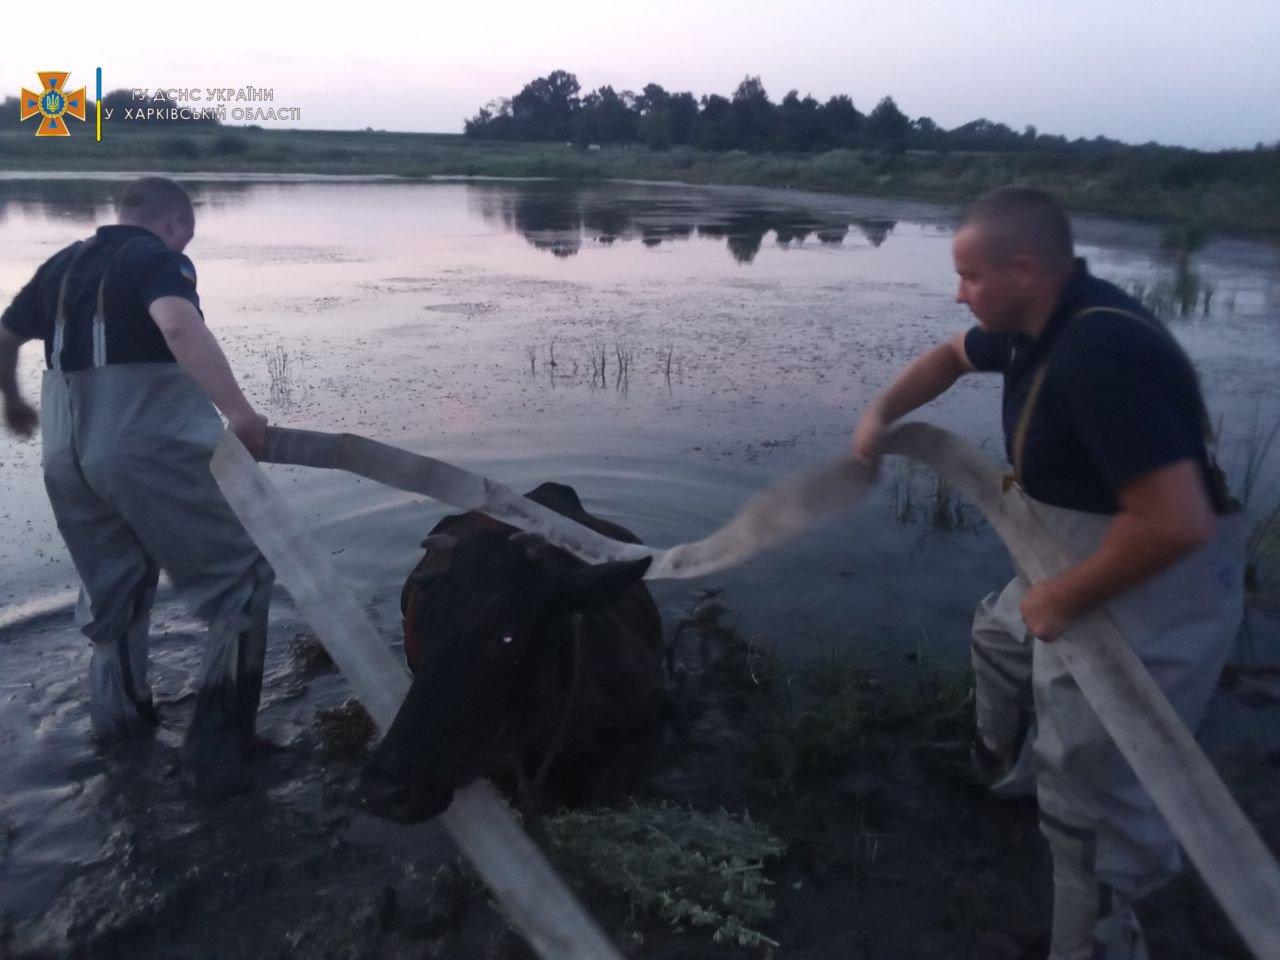 В Харьковской области спасатели доставали из пруда корову, - ФОТО, фото-2